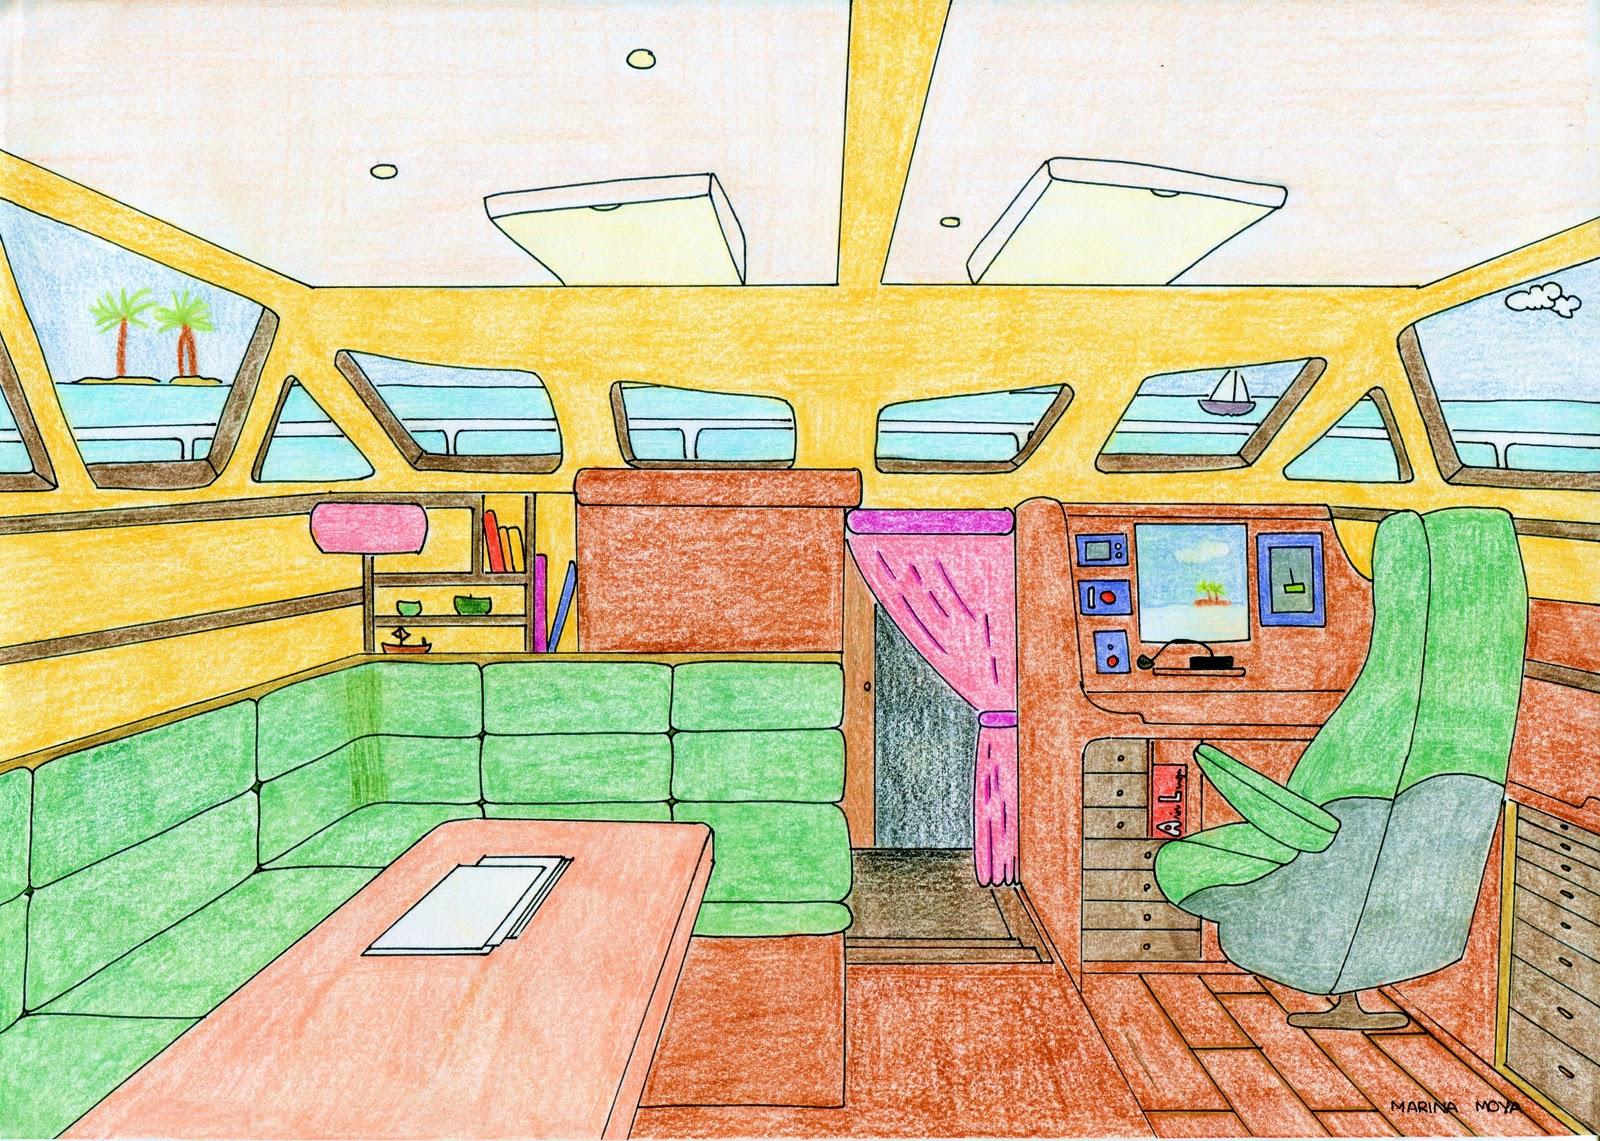 Qu arte quillo 4eso pespectiva c nica frontal en el interior de un veh culo ejemplos - Habitacion en perspectiva conica ...